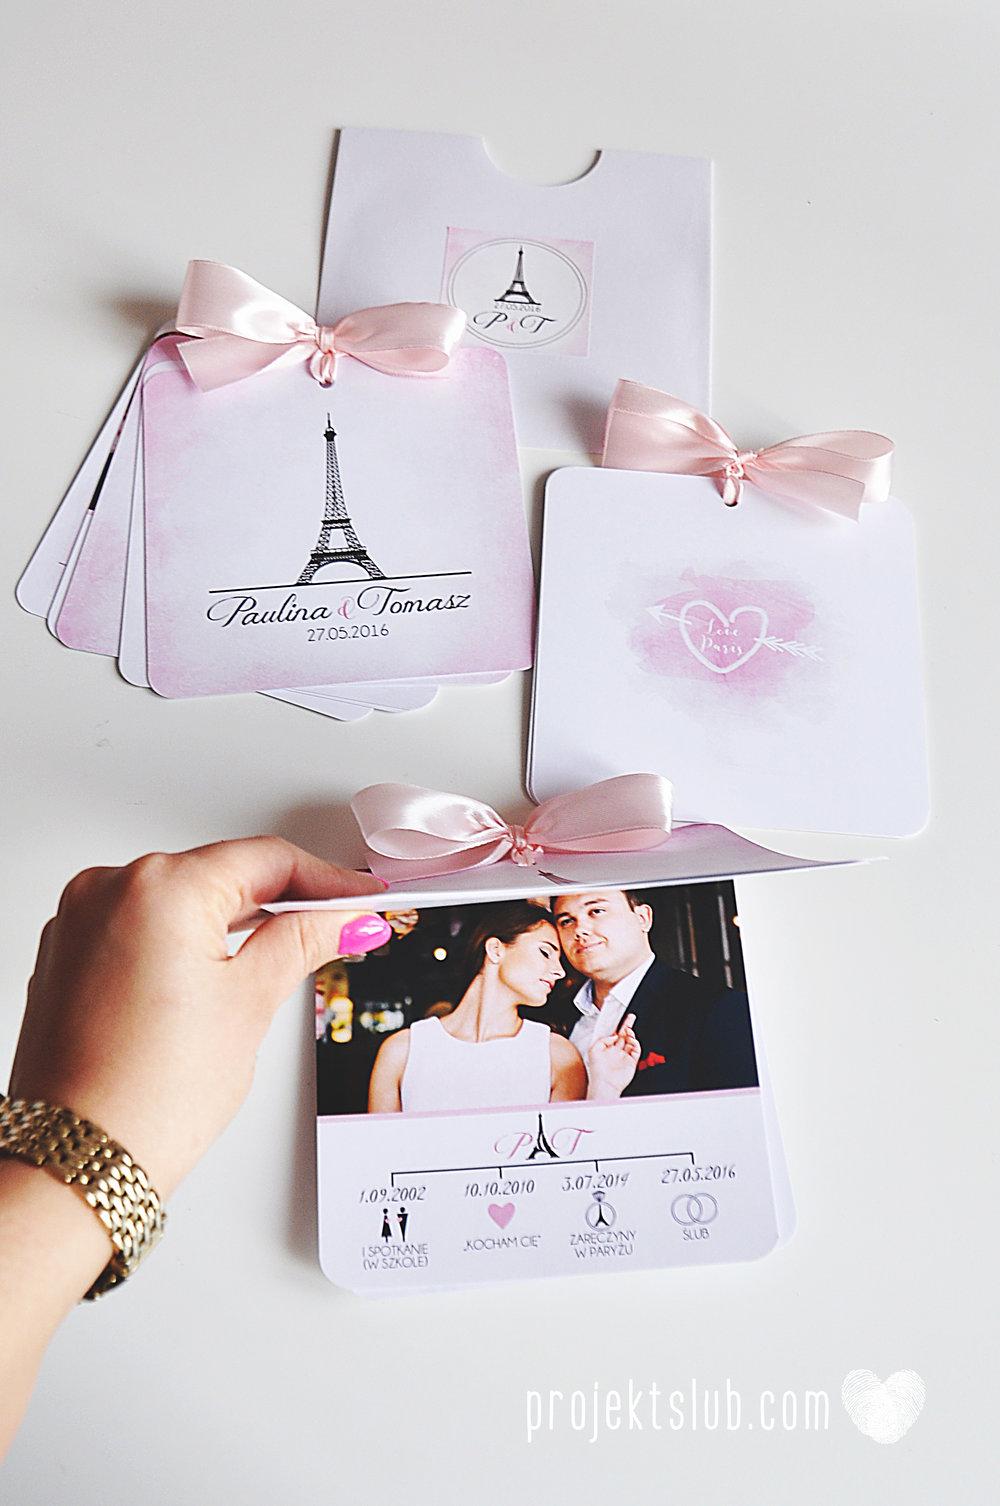 zaproszenia ślubne z kokardą eleganckie oryginalne nowoczesne rysunkowe pastelowe pudrowy róż wieża eiffel zakochani w paryżu zdjęcia  projekt ślub (14).jpg